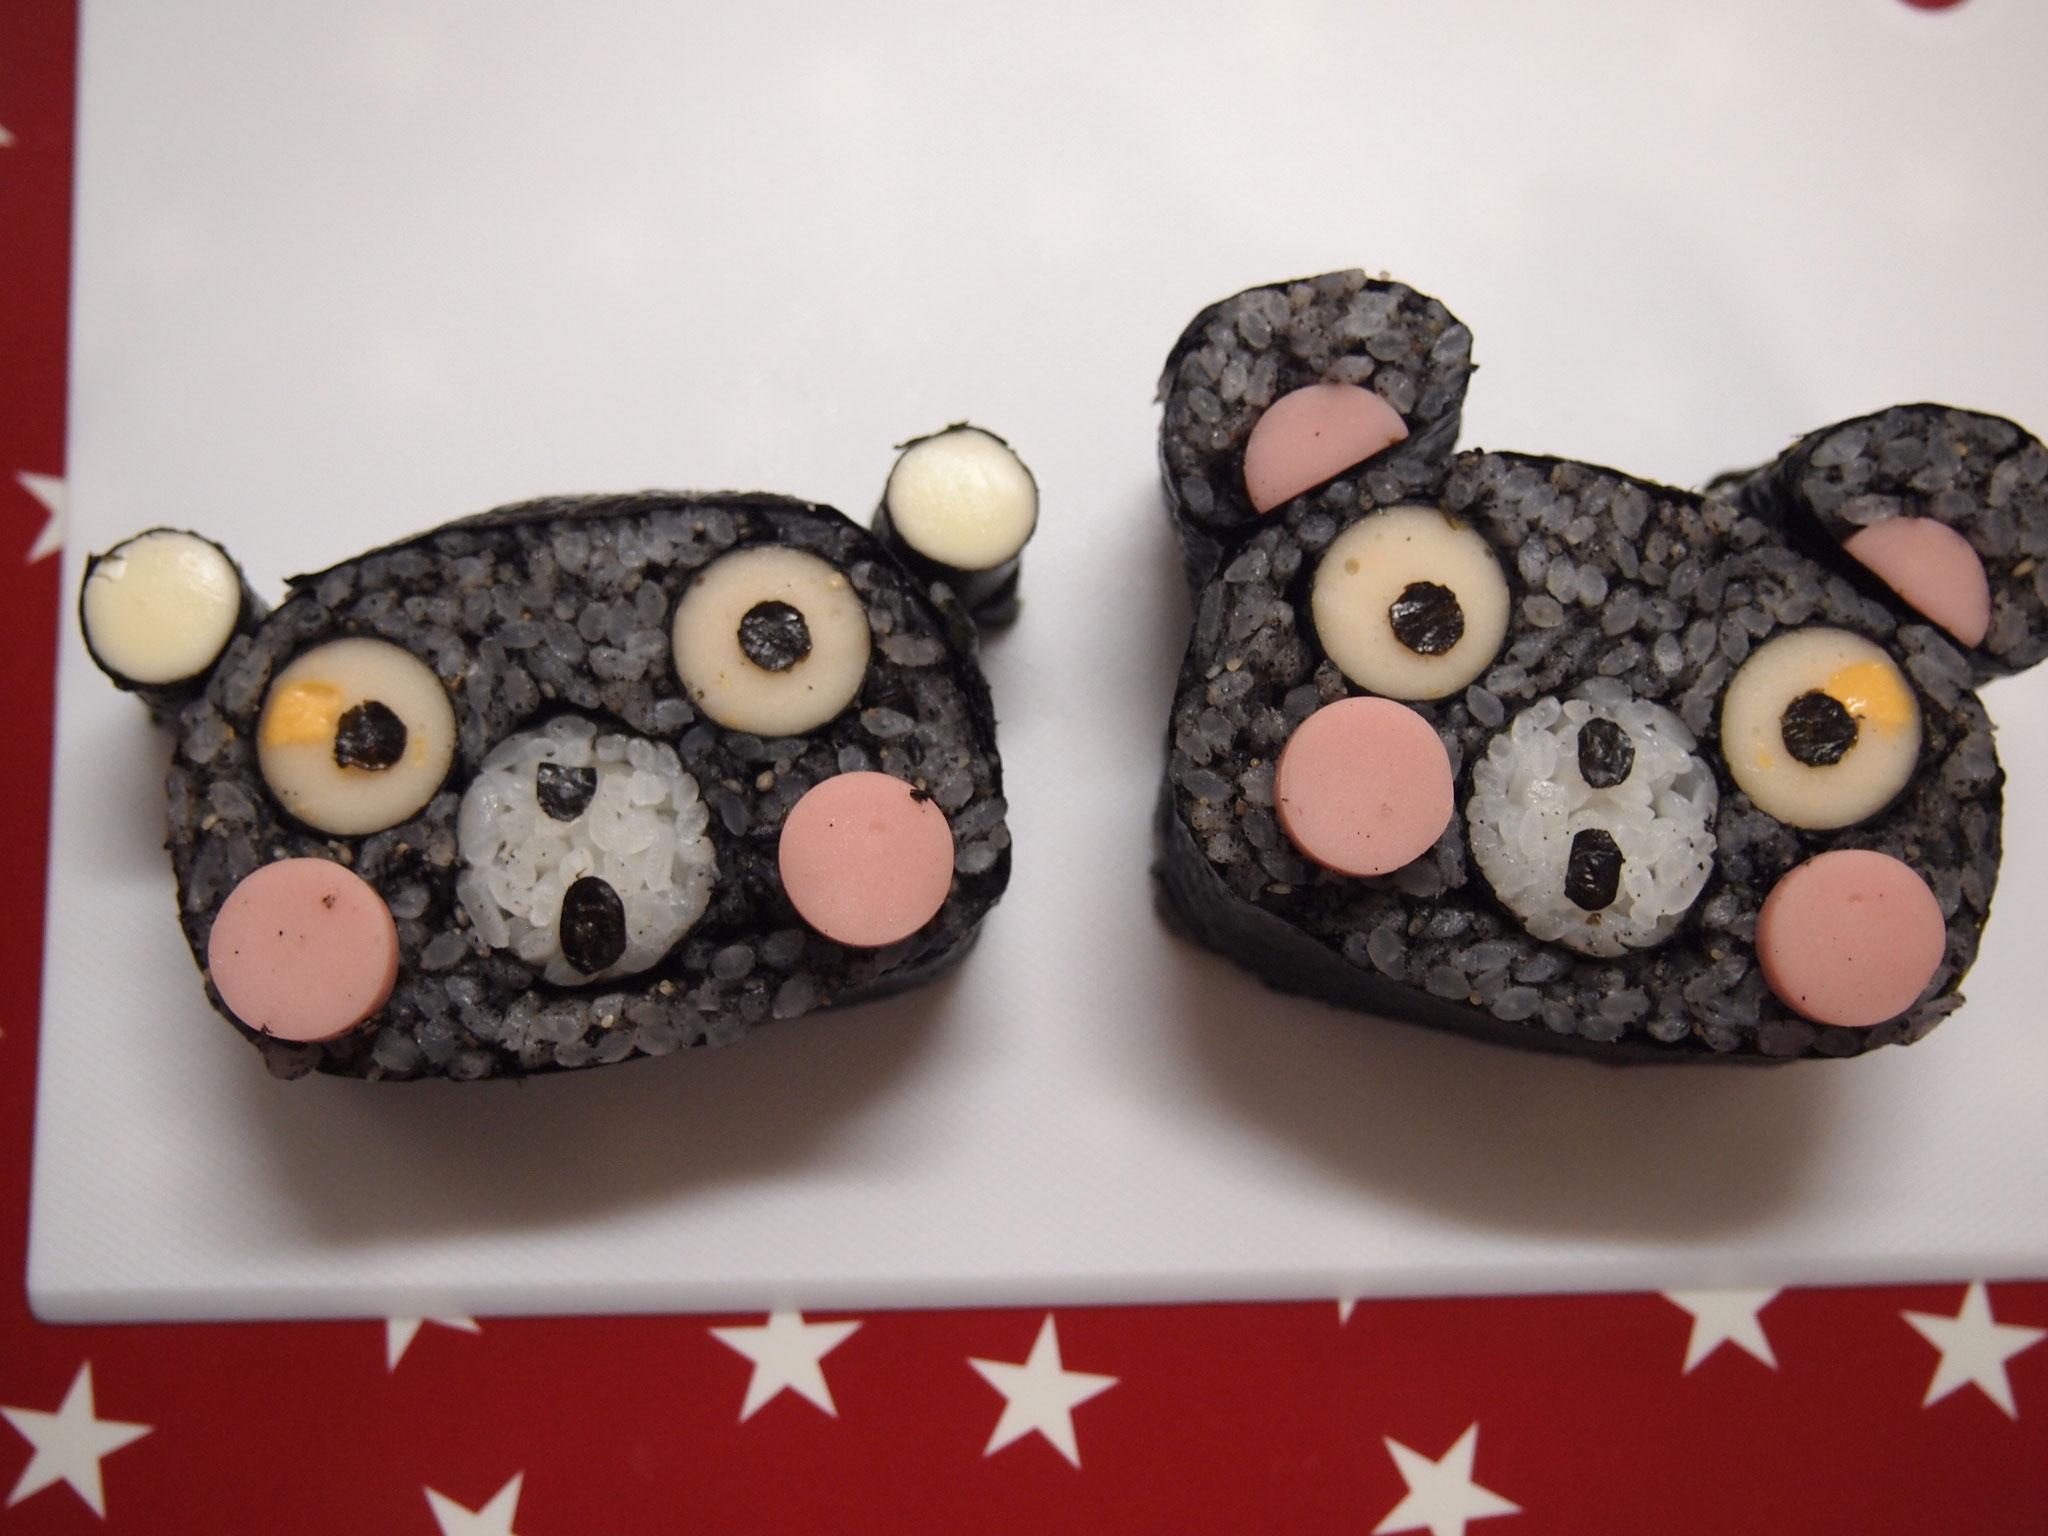 だれからも愛される くまモンみたいなキュートな熊さん。レッスン料2000円(税込み)他の柄と組み合わせてください。オリジナル